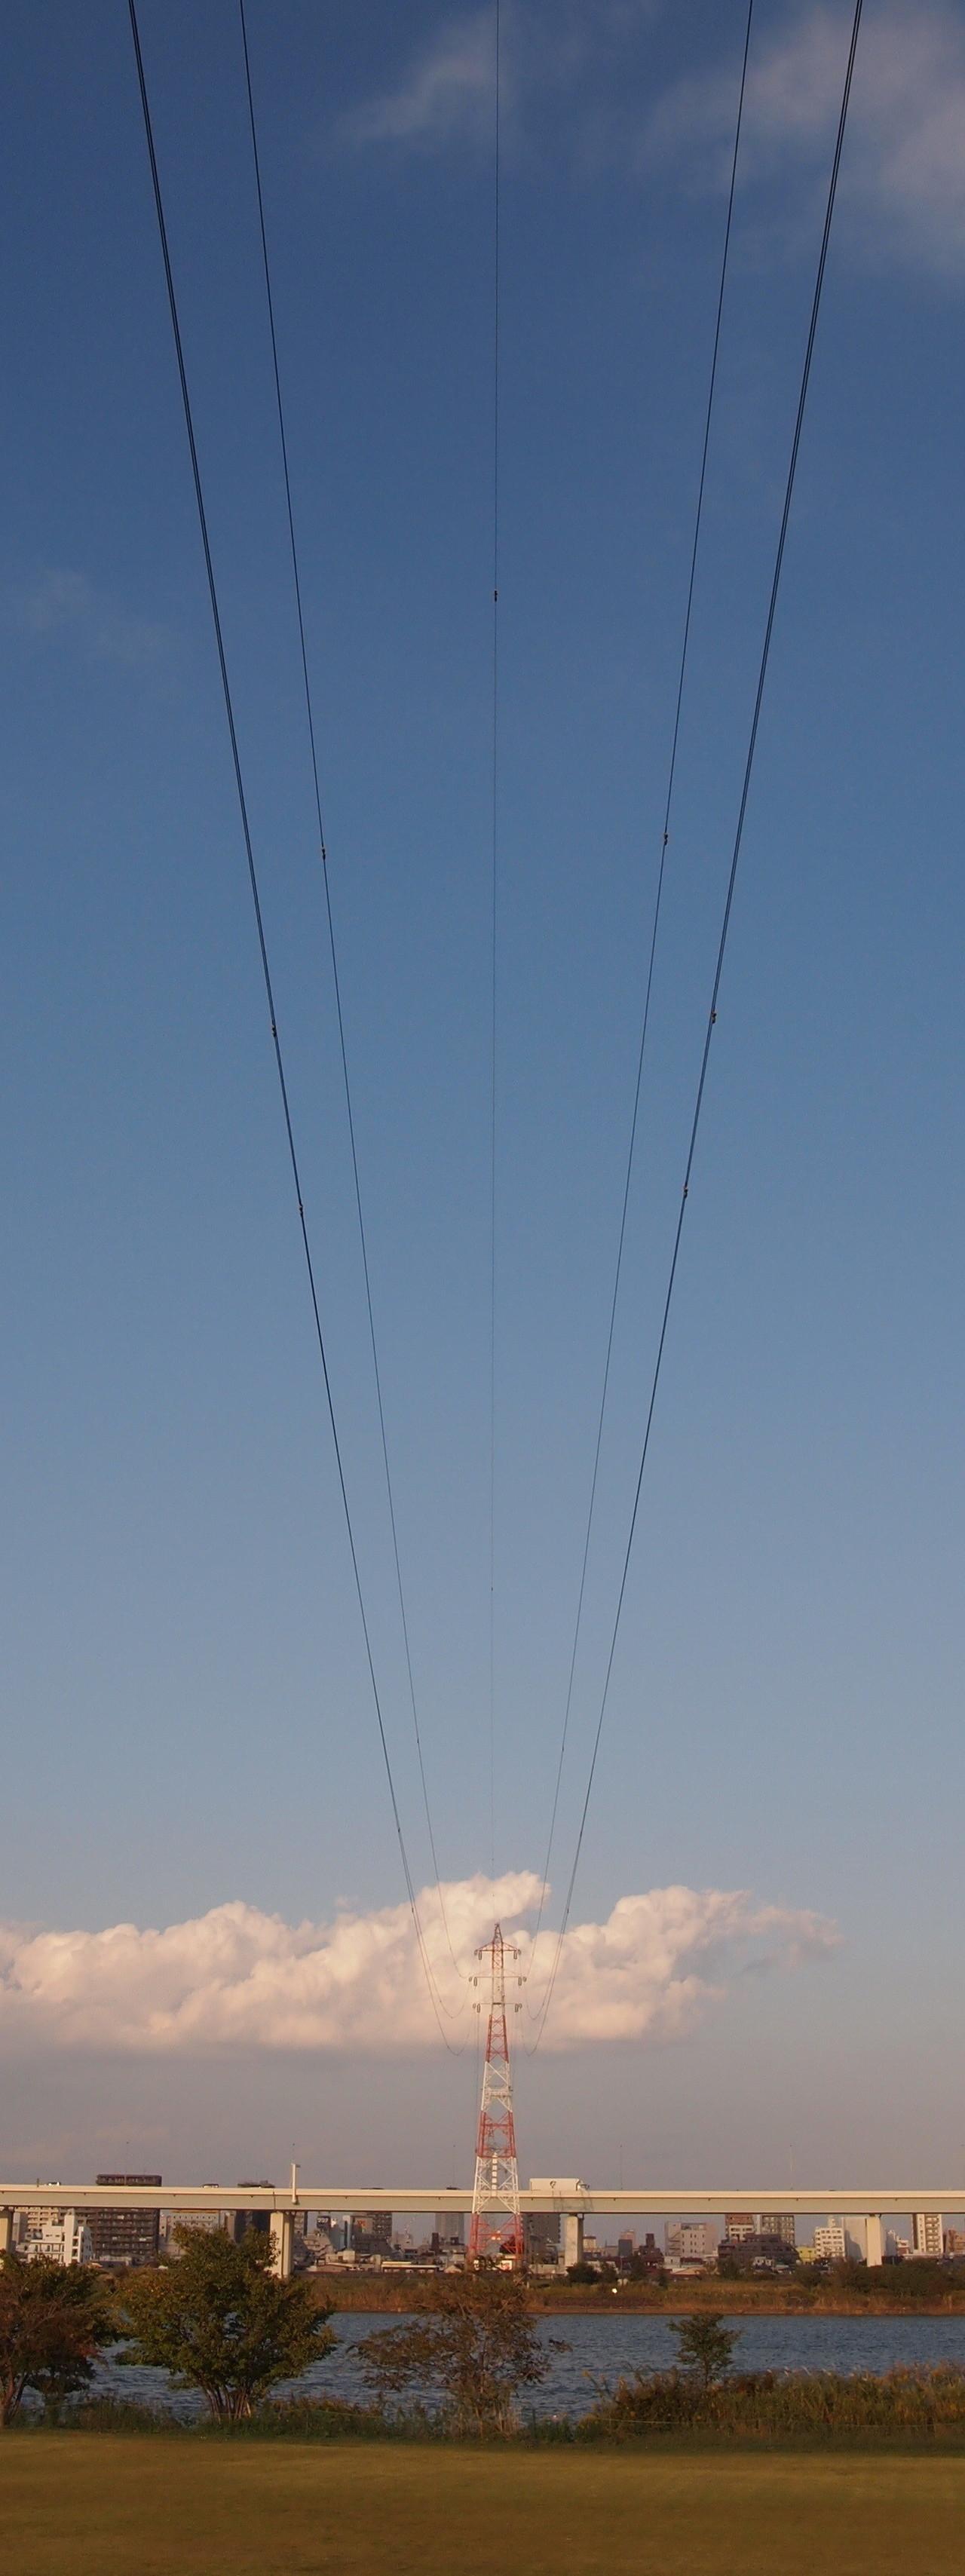 荒川を渡る亀戸線110号。2014年10月撮影。